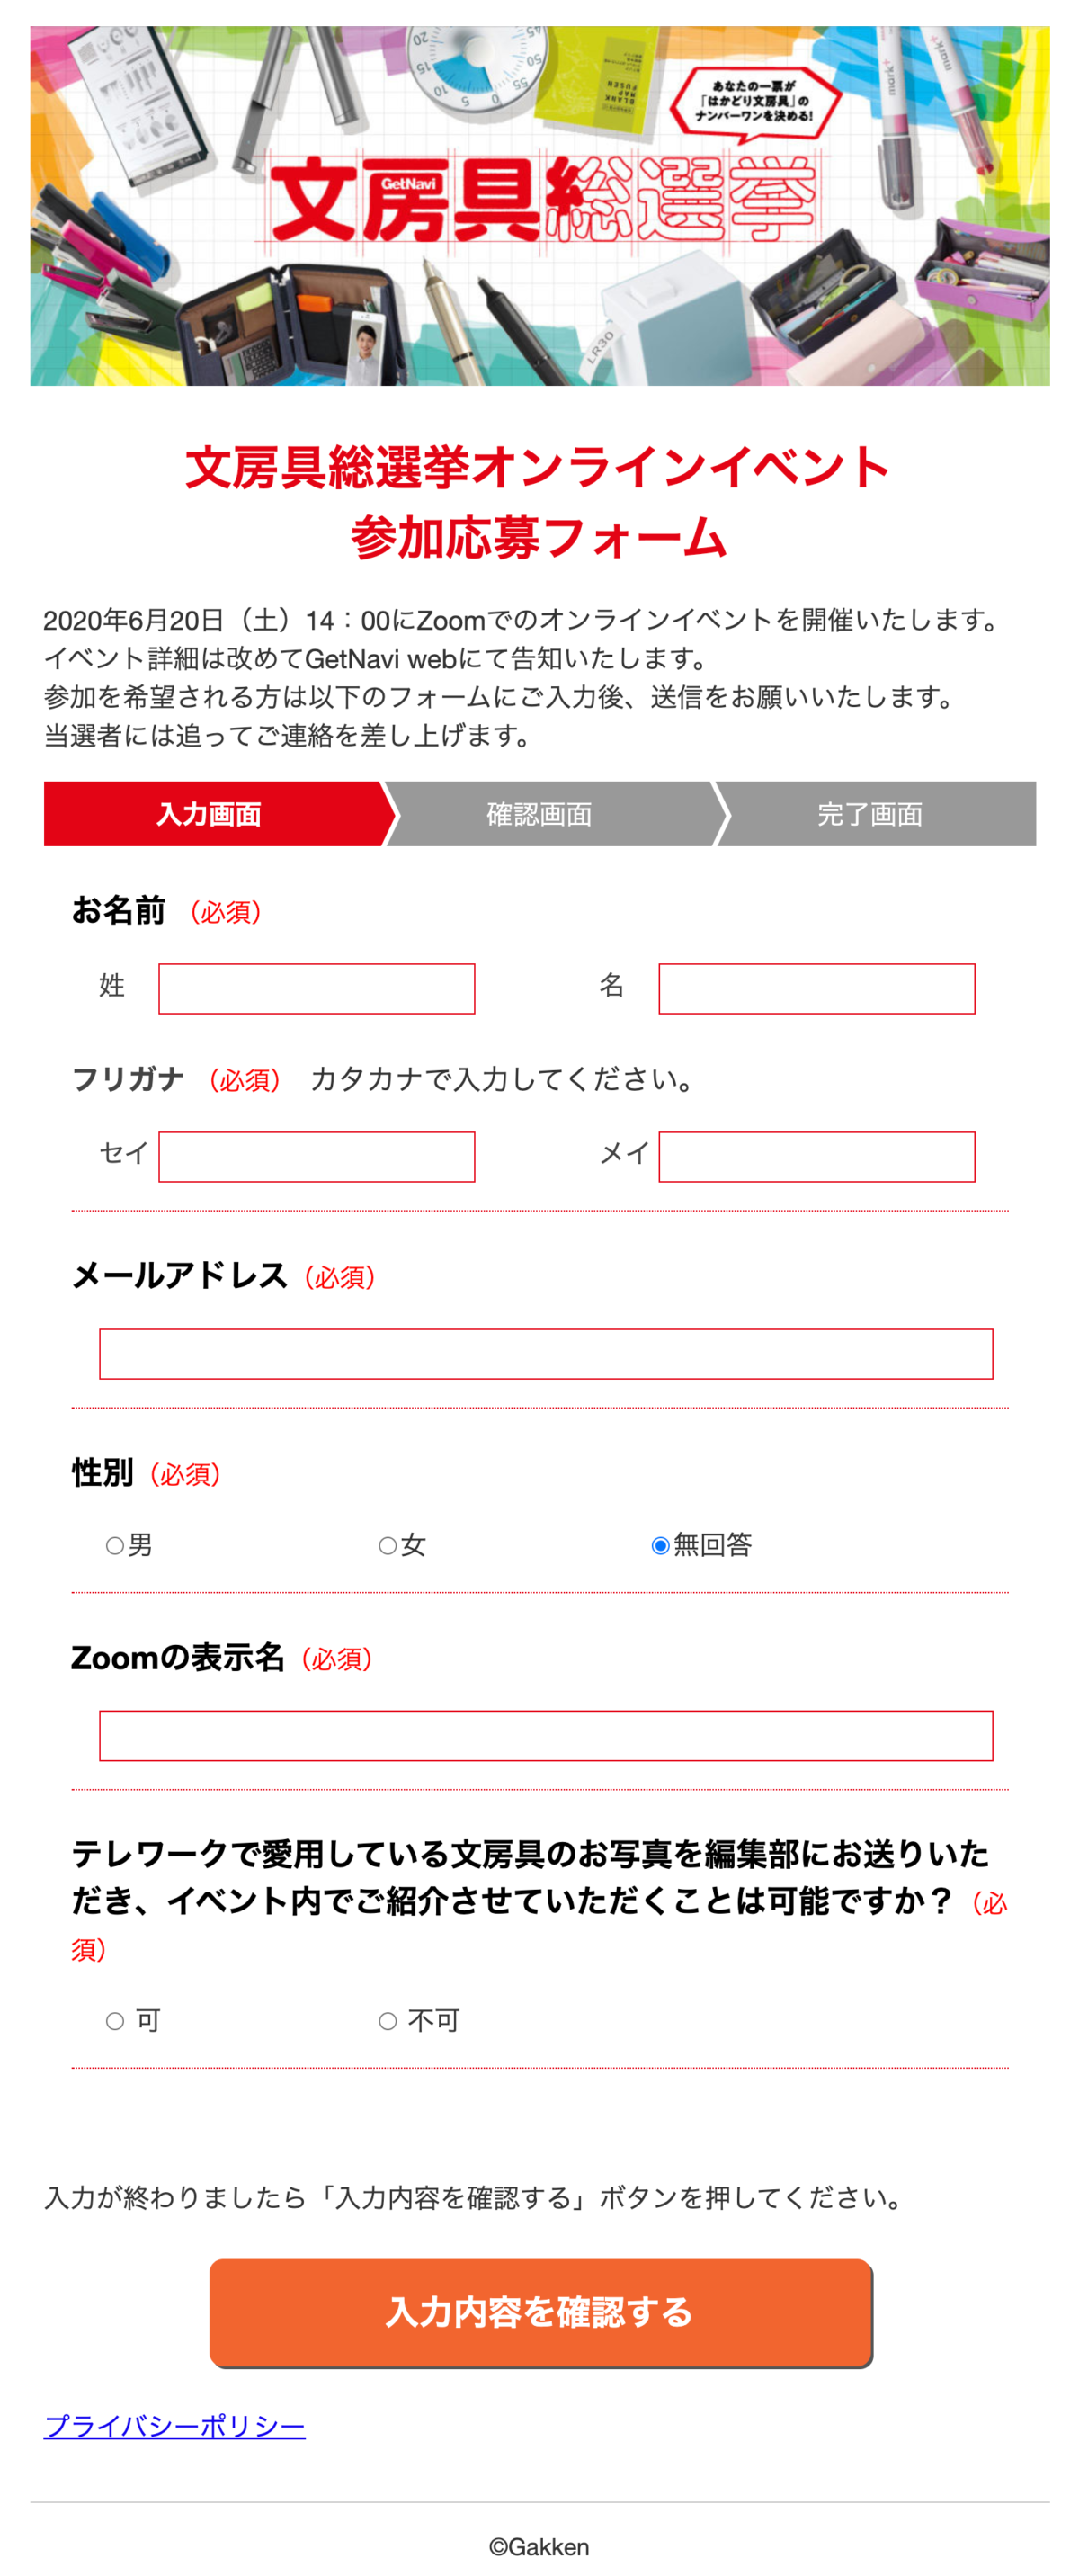 ↑応募フォーム。入力して「入力内容を確認する」ボタンを押してください。当選者には後日メールでご連絡するので、メールアドレスは正確に!